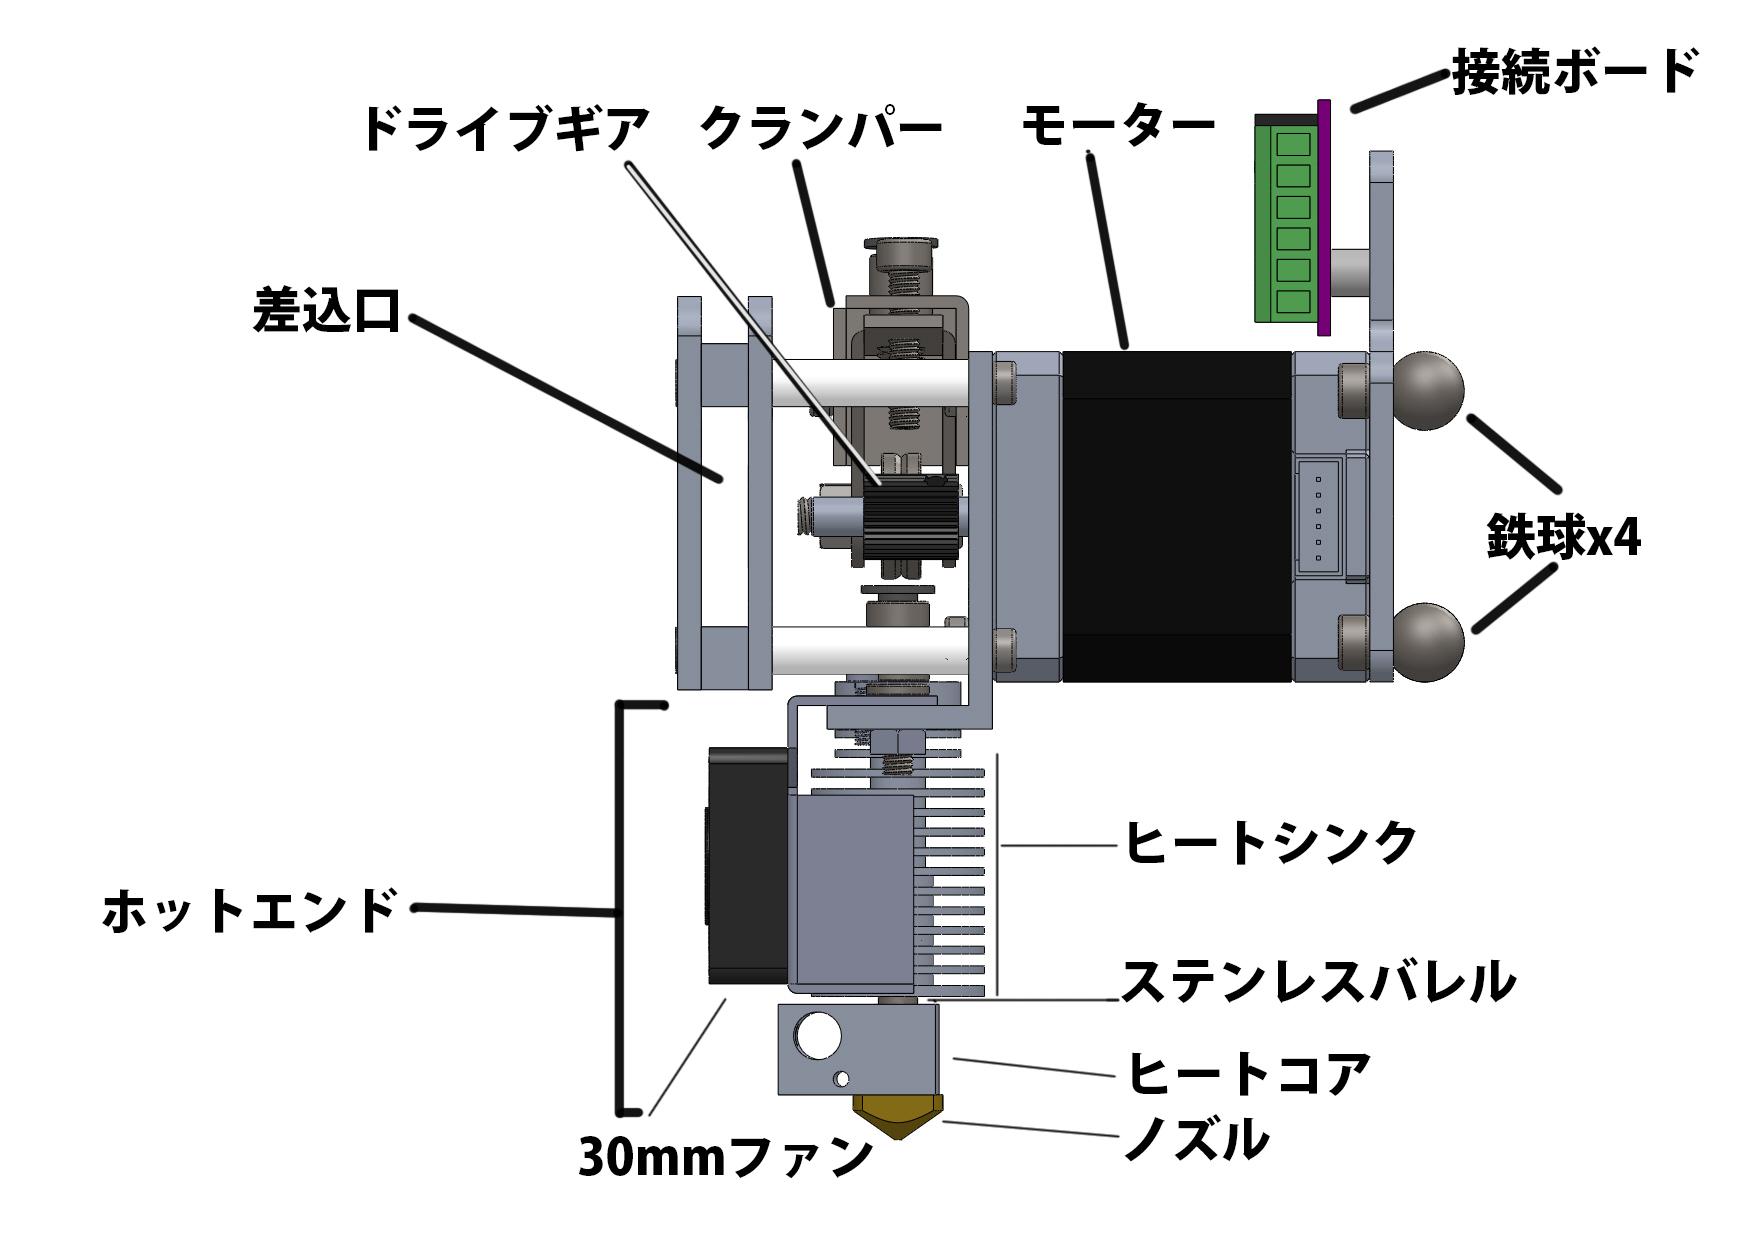 http://wiki.genkei.jp/image/genkei/TITAN/Assem%20NT%20DD%20Extruder%20on%20TITAN3%2002.JPG